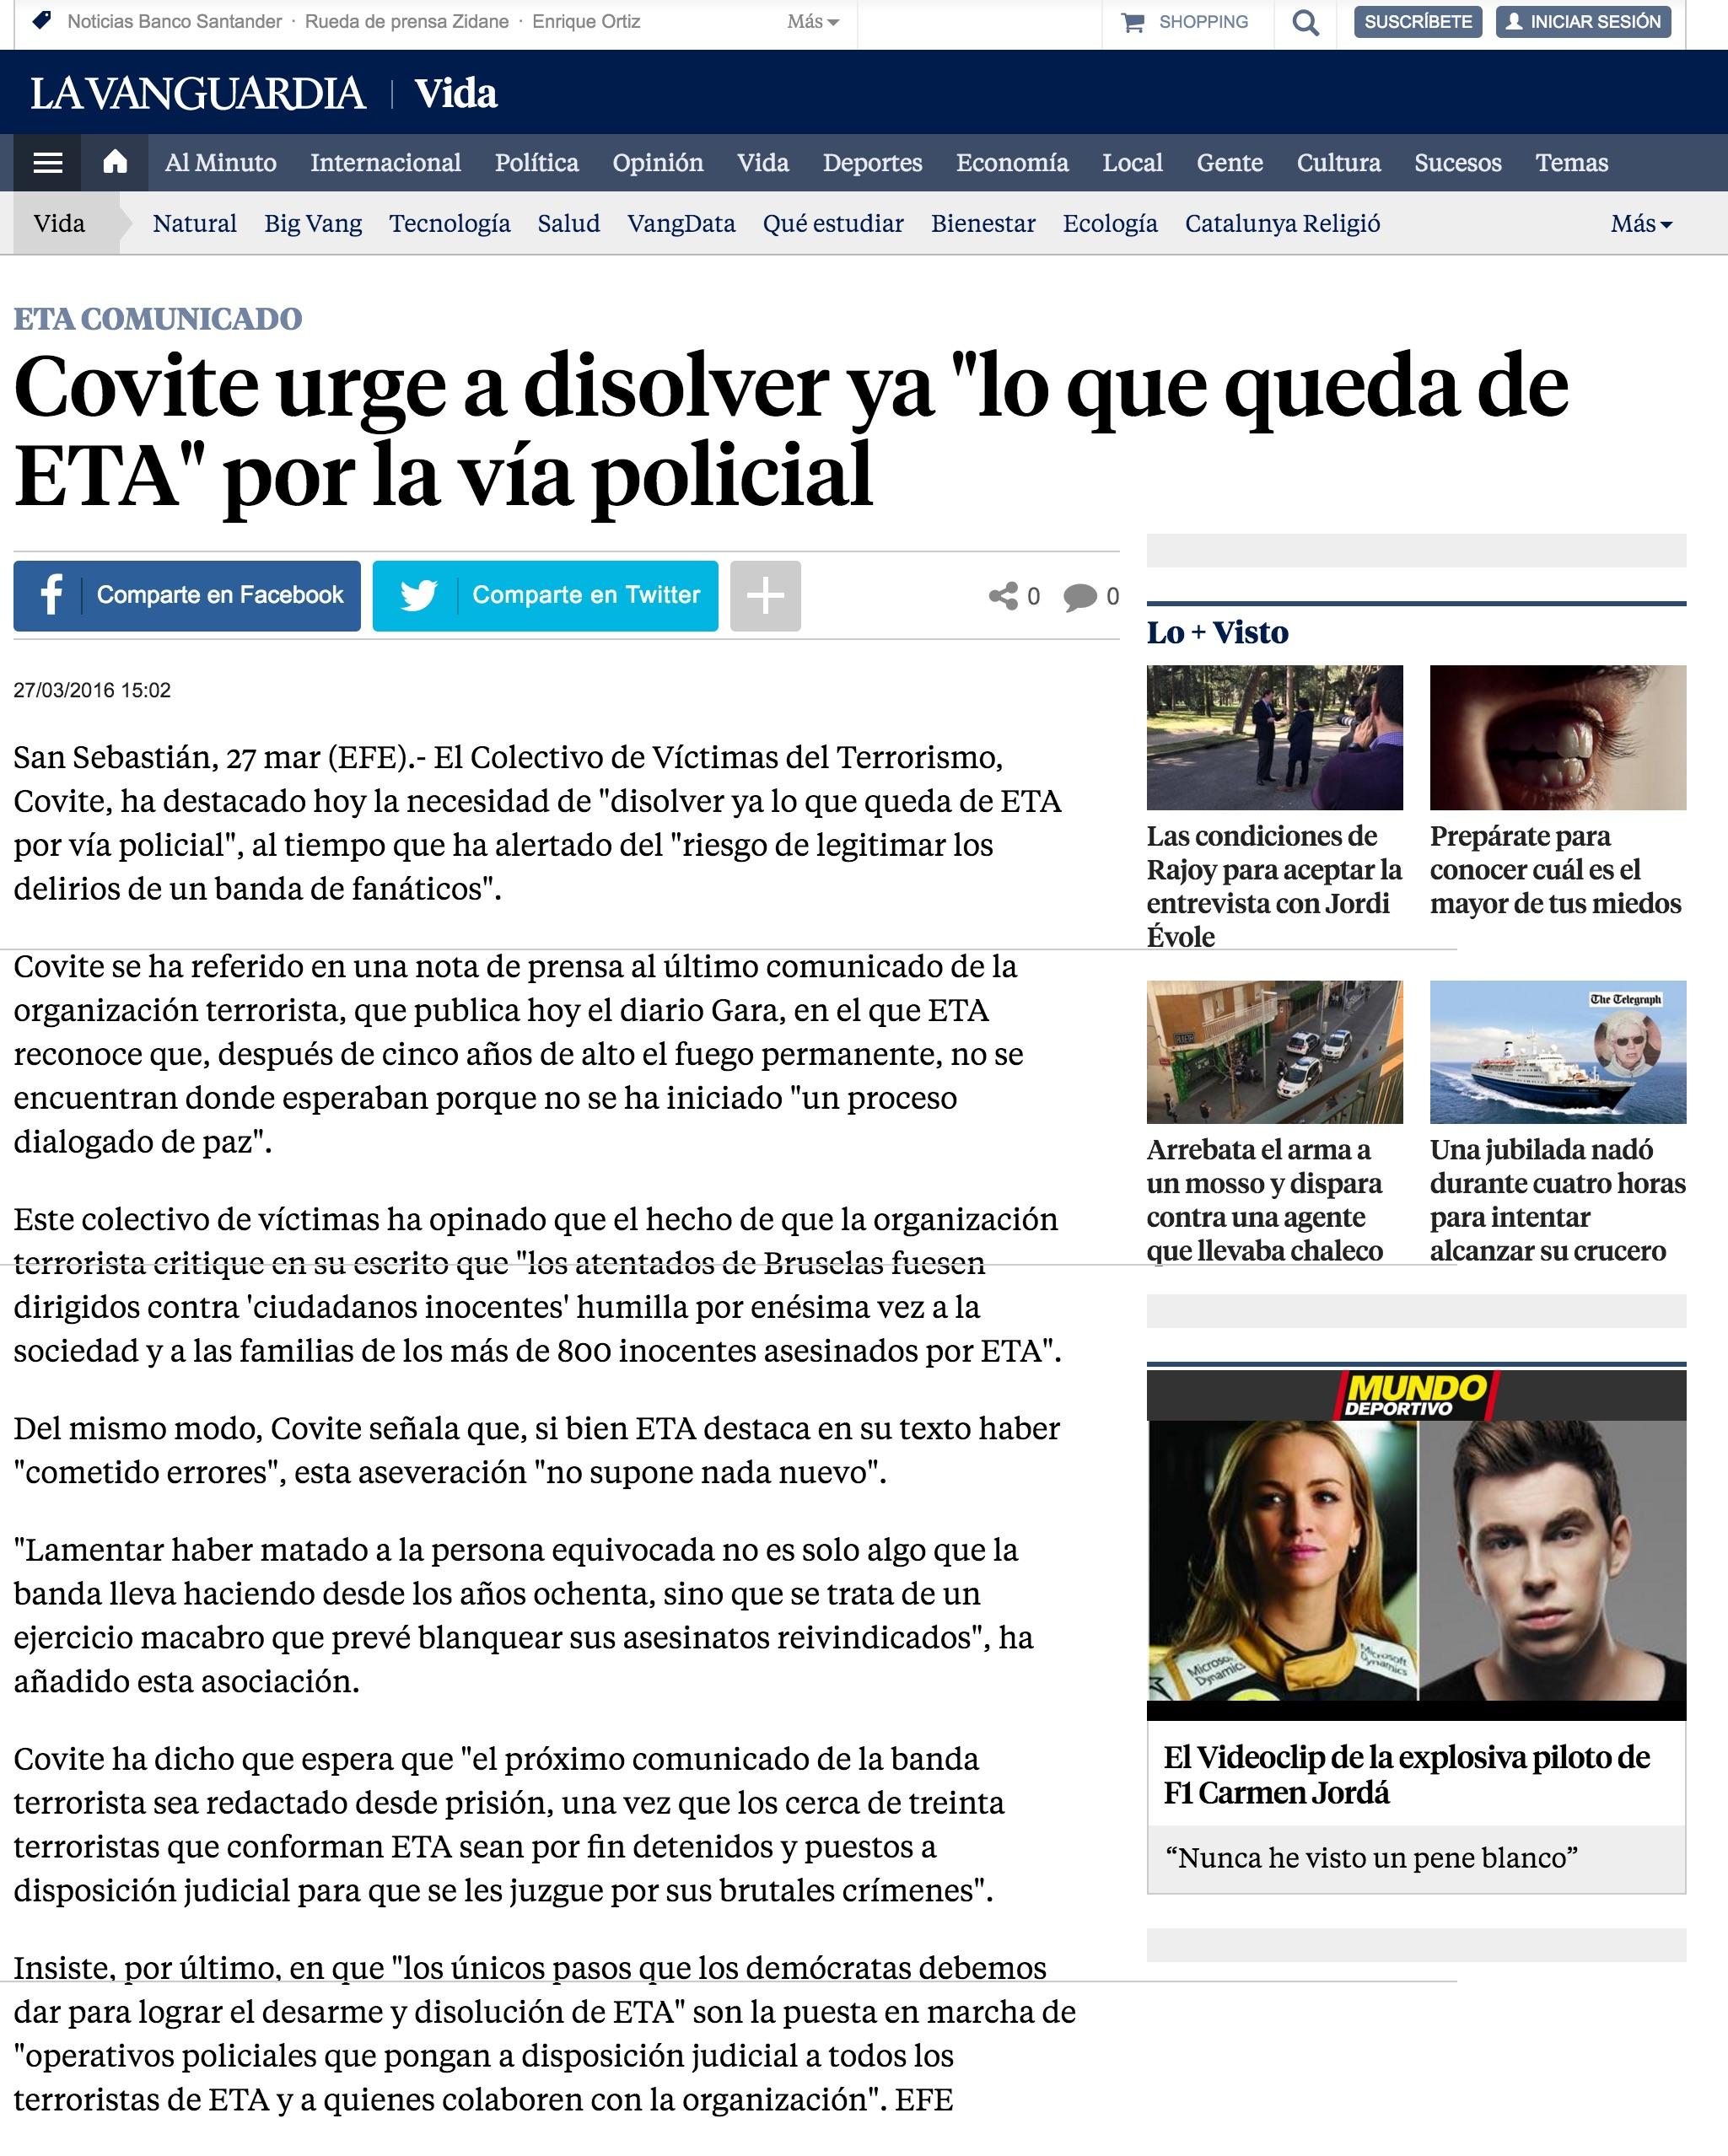 comunicado_lavanguardia